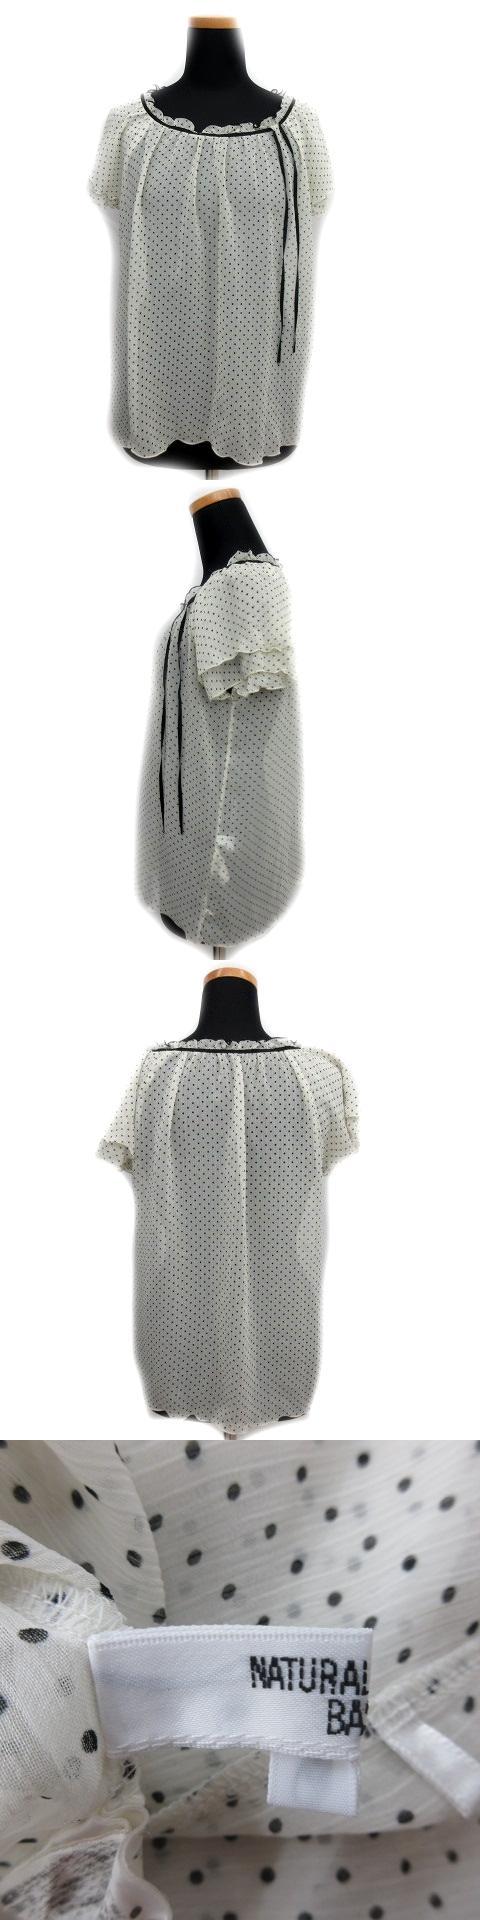 ドット ブラウス カットソー リボンフリル 薄手 半袖 白×黒 M レディース/C231